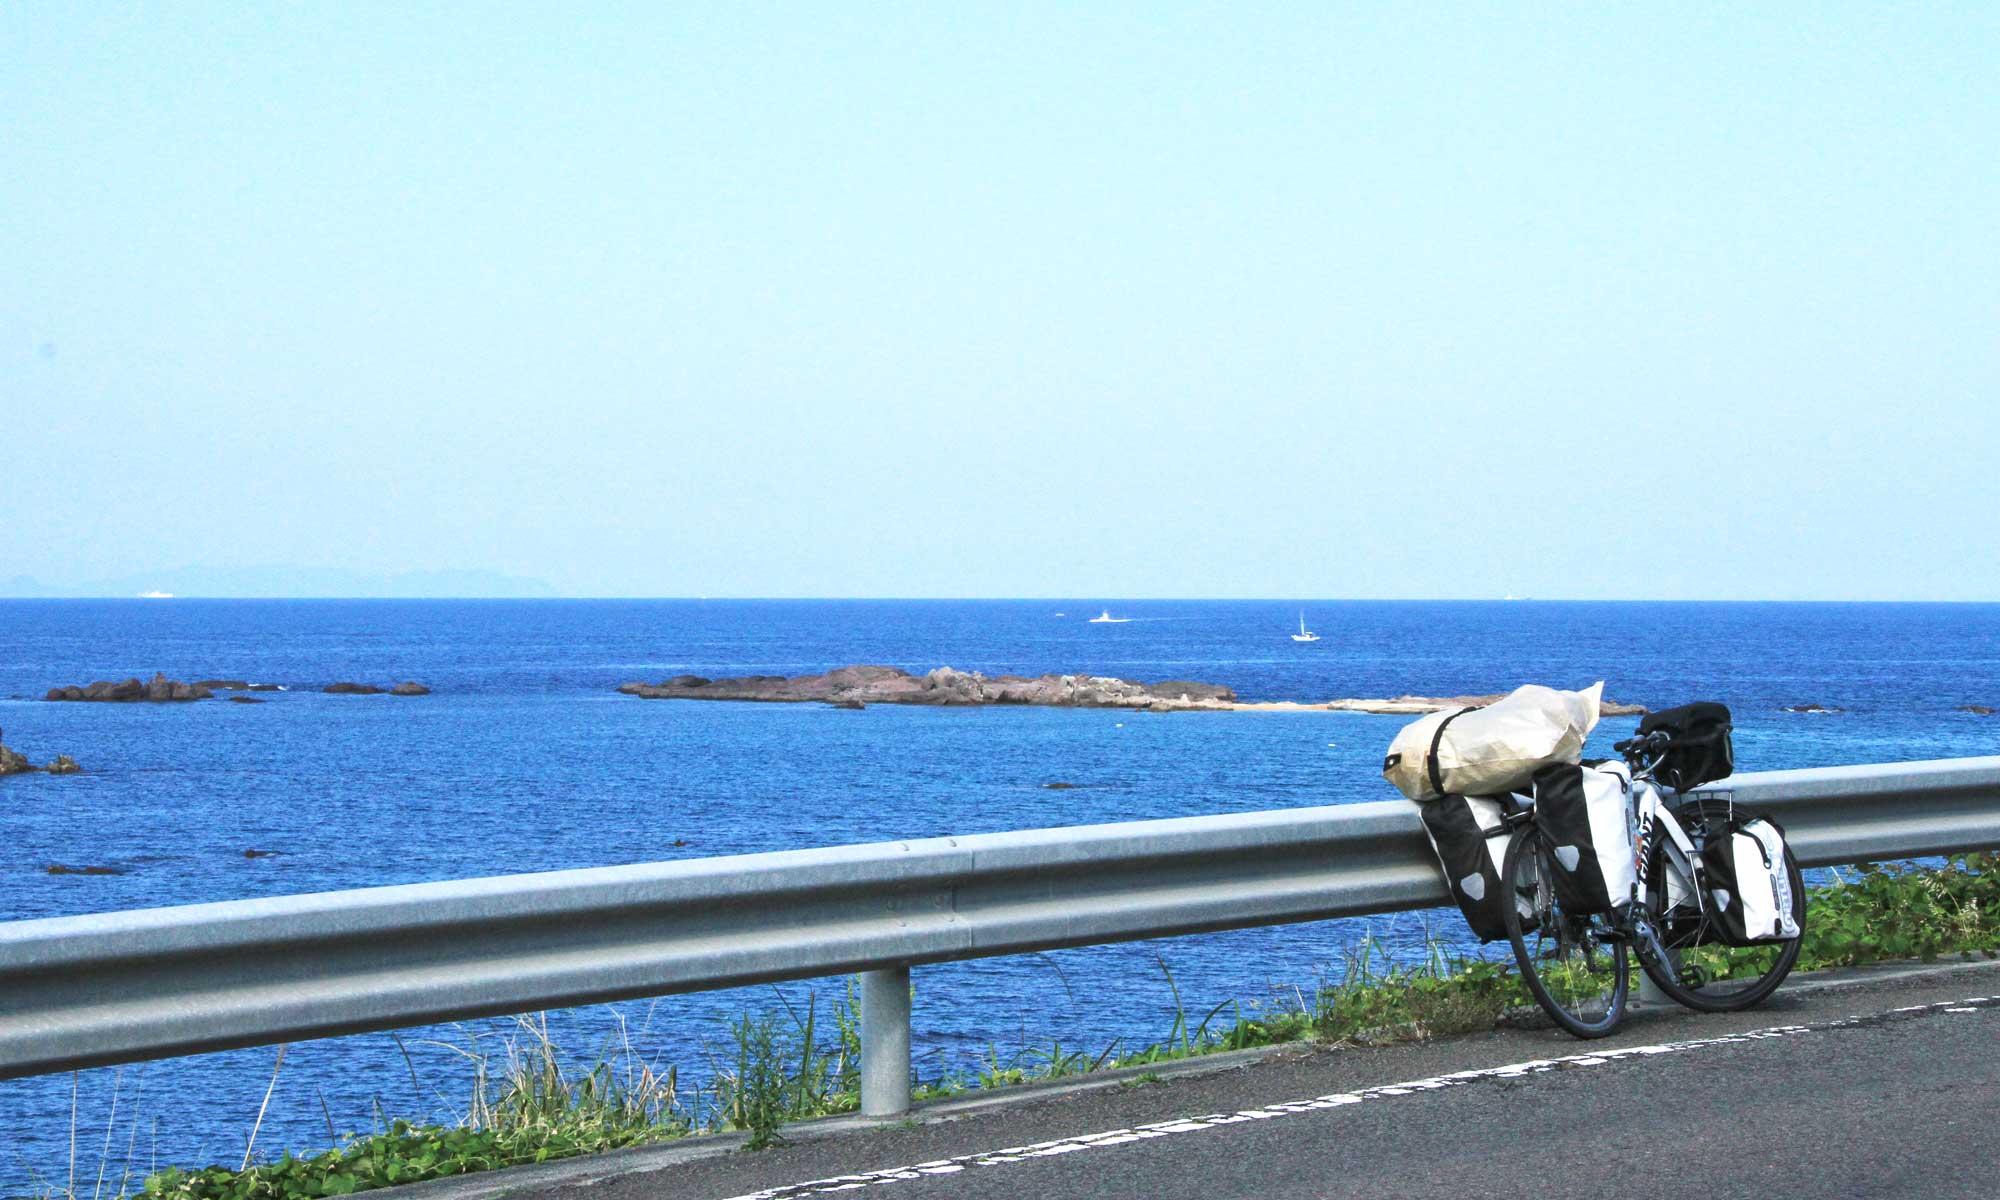 自転車で行く!!世界横断パノラマ撮影 | 世界一周旅行